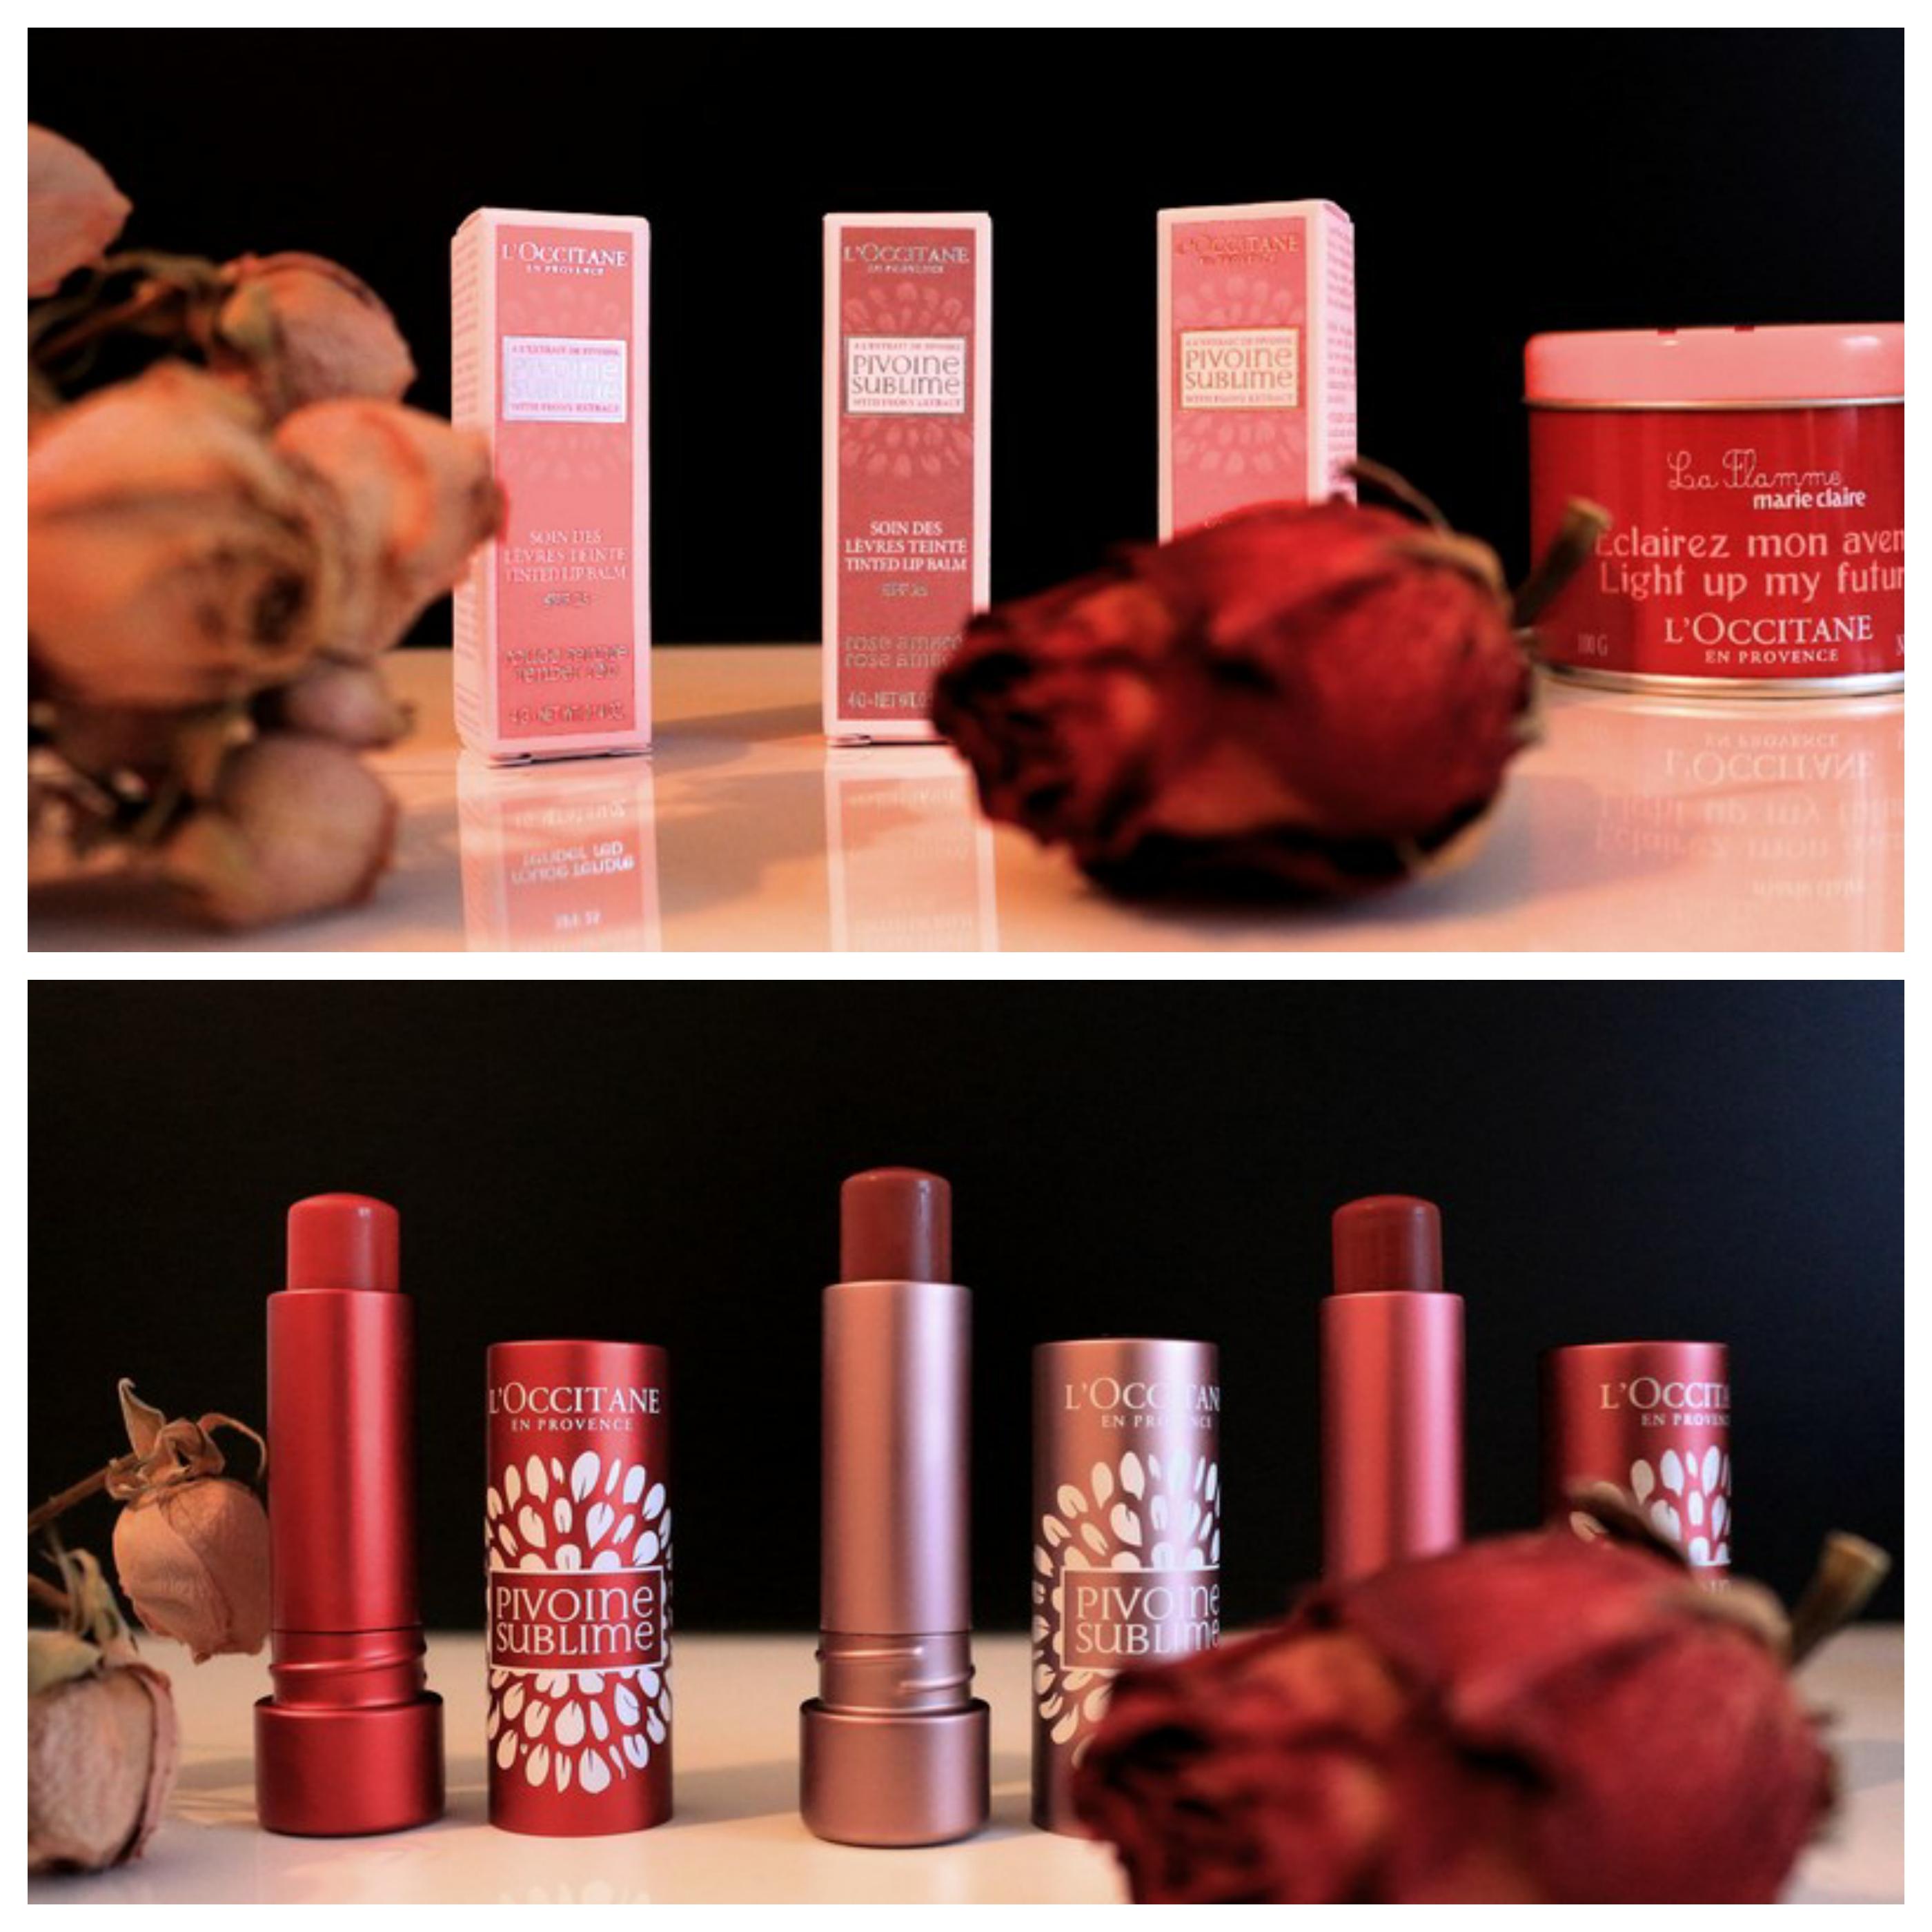 loccitane-lippenpflege